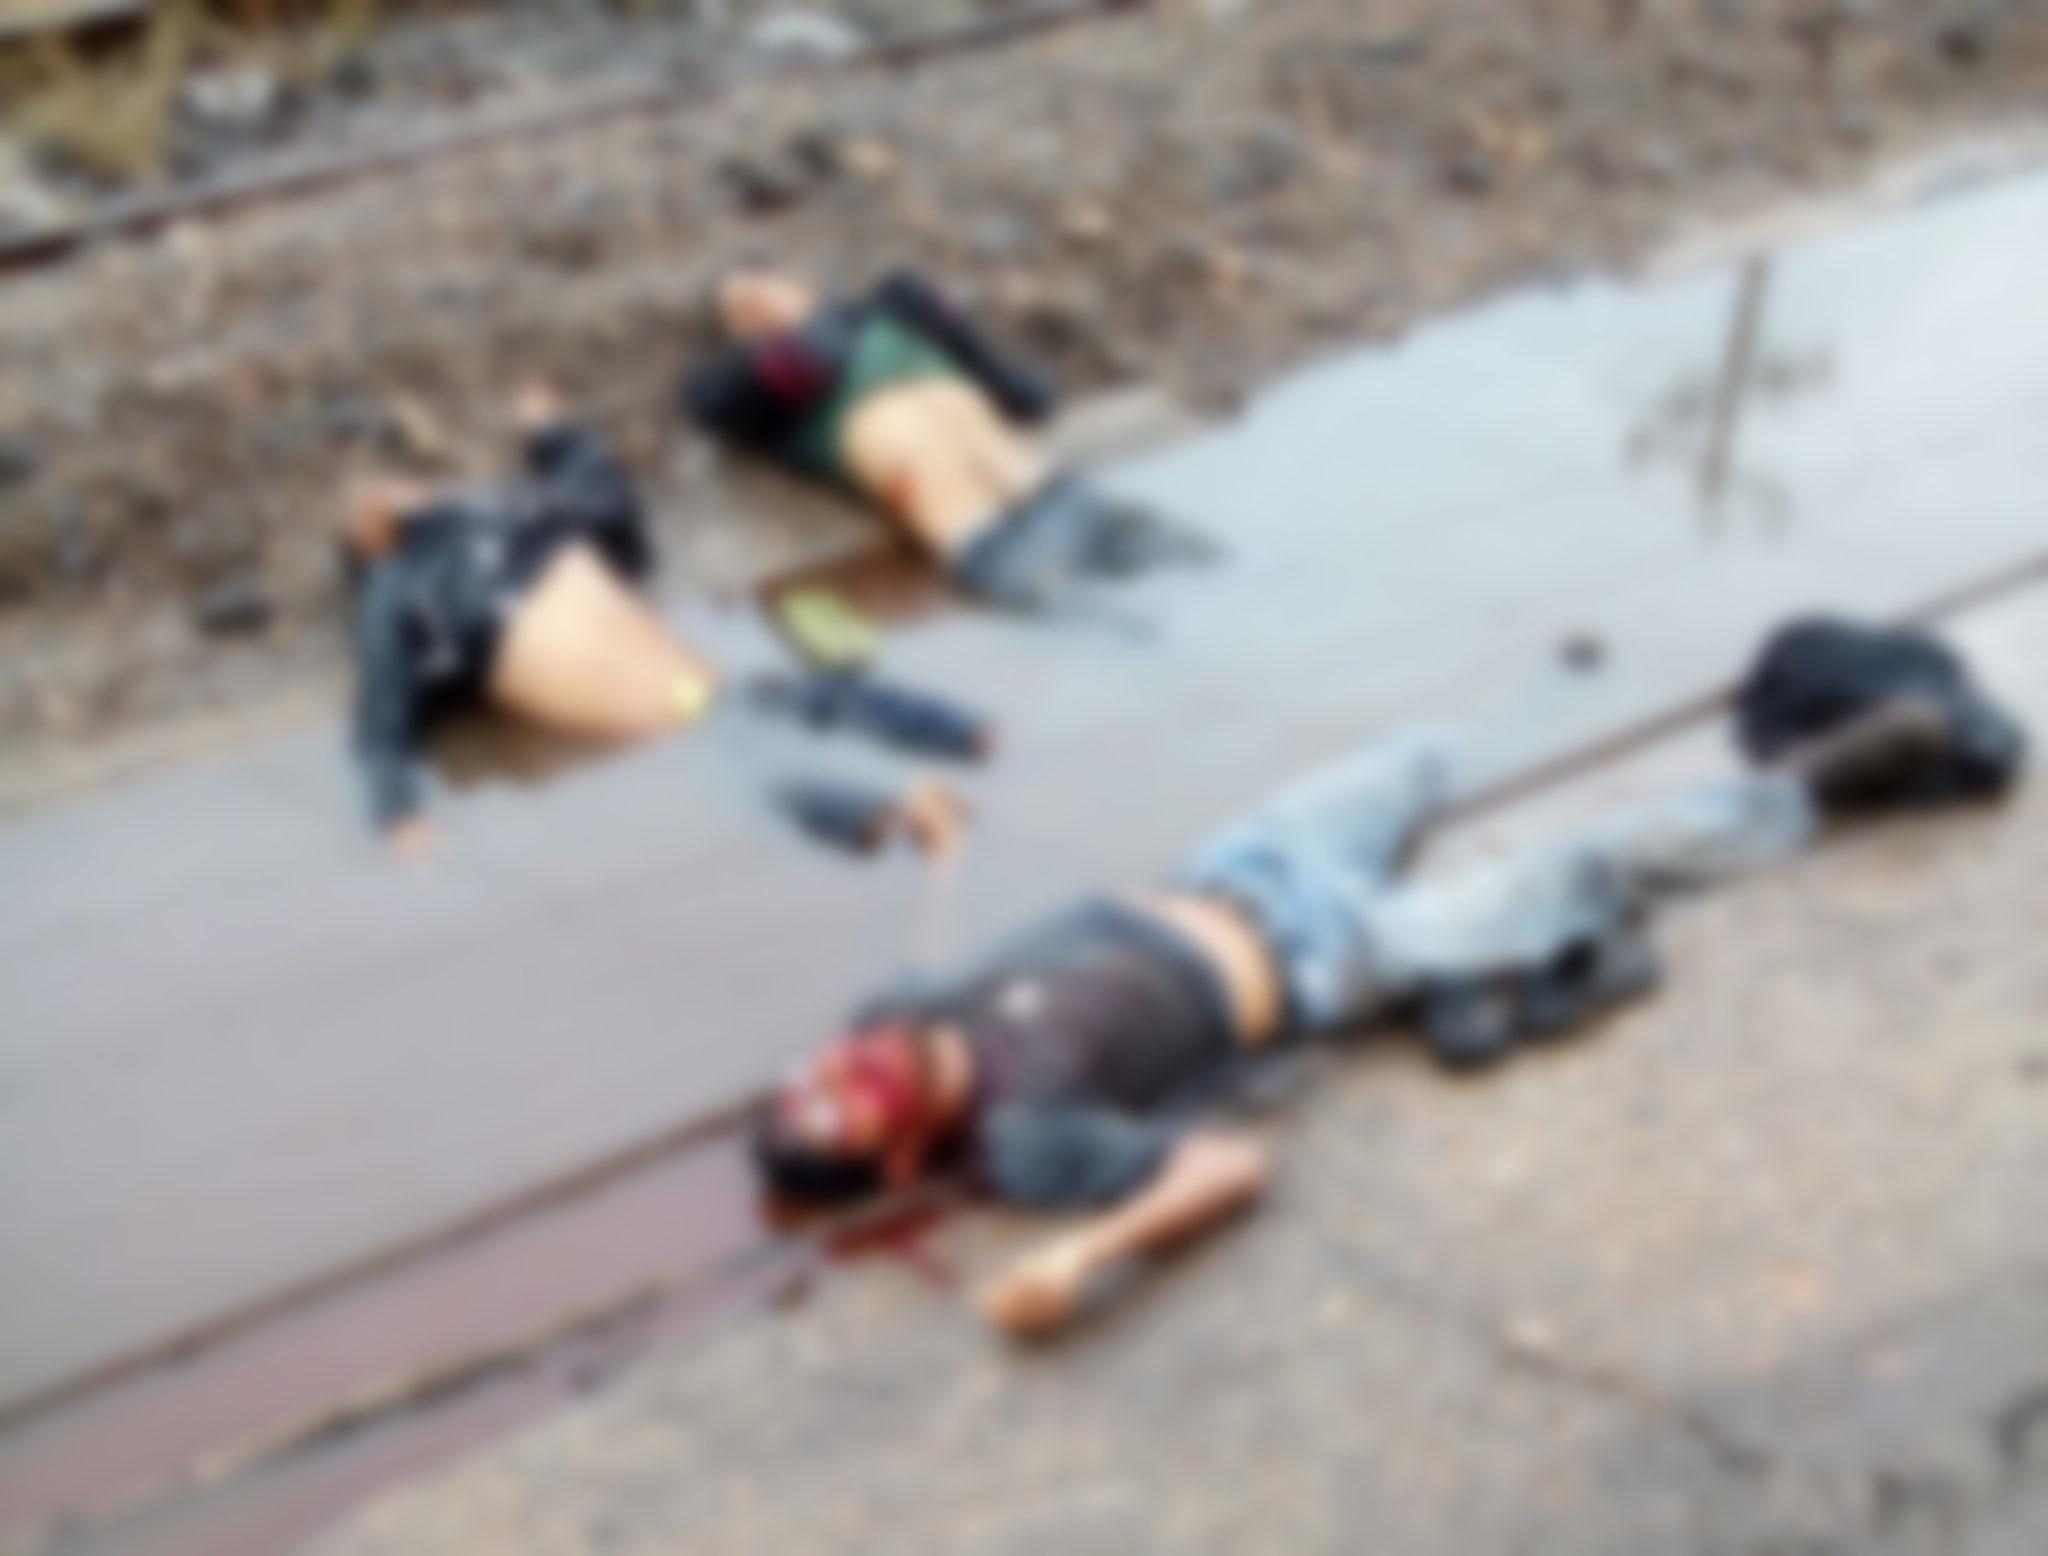 Triple asesinato en la carretera Tuxtepec-Valle Nacional | El Imparcial de Oaxaca